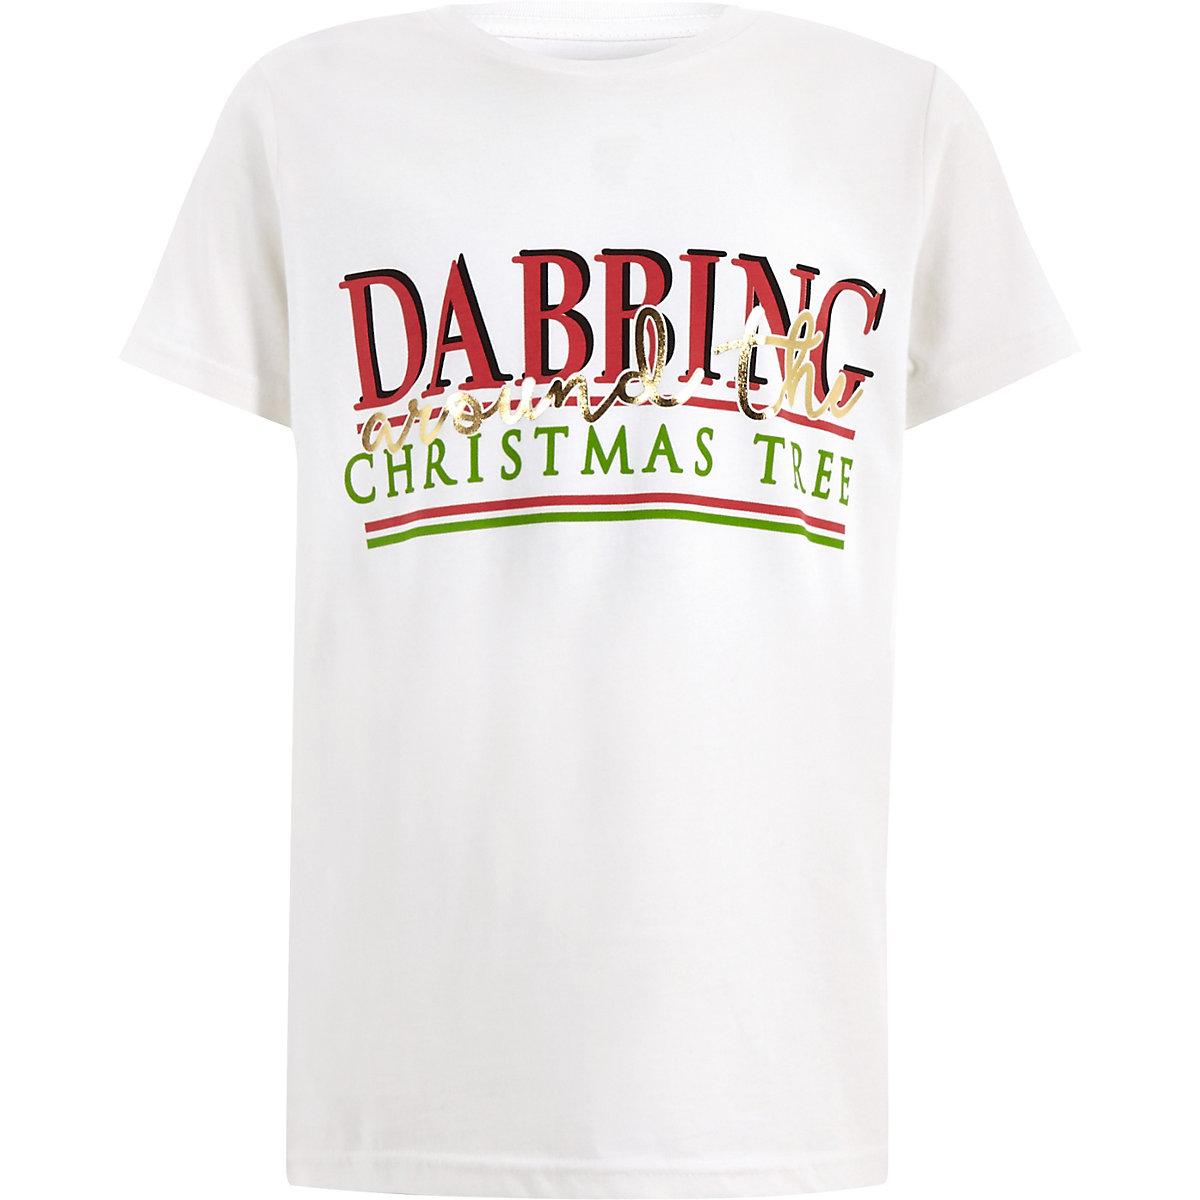 Boys white 'Dabbing' Christmas T-shirt